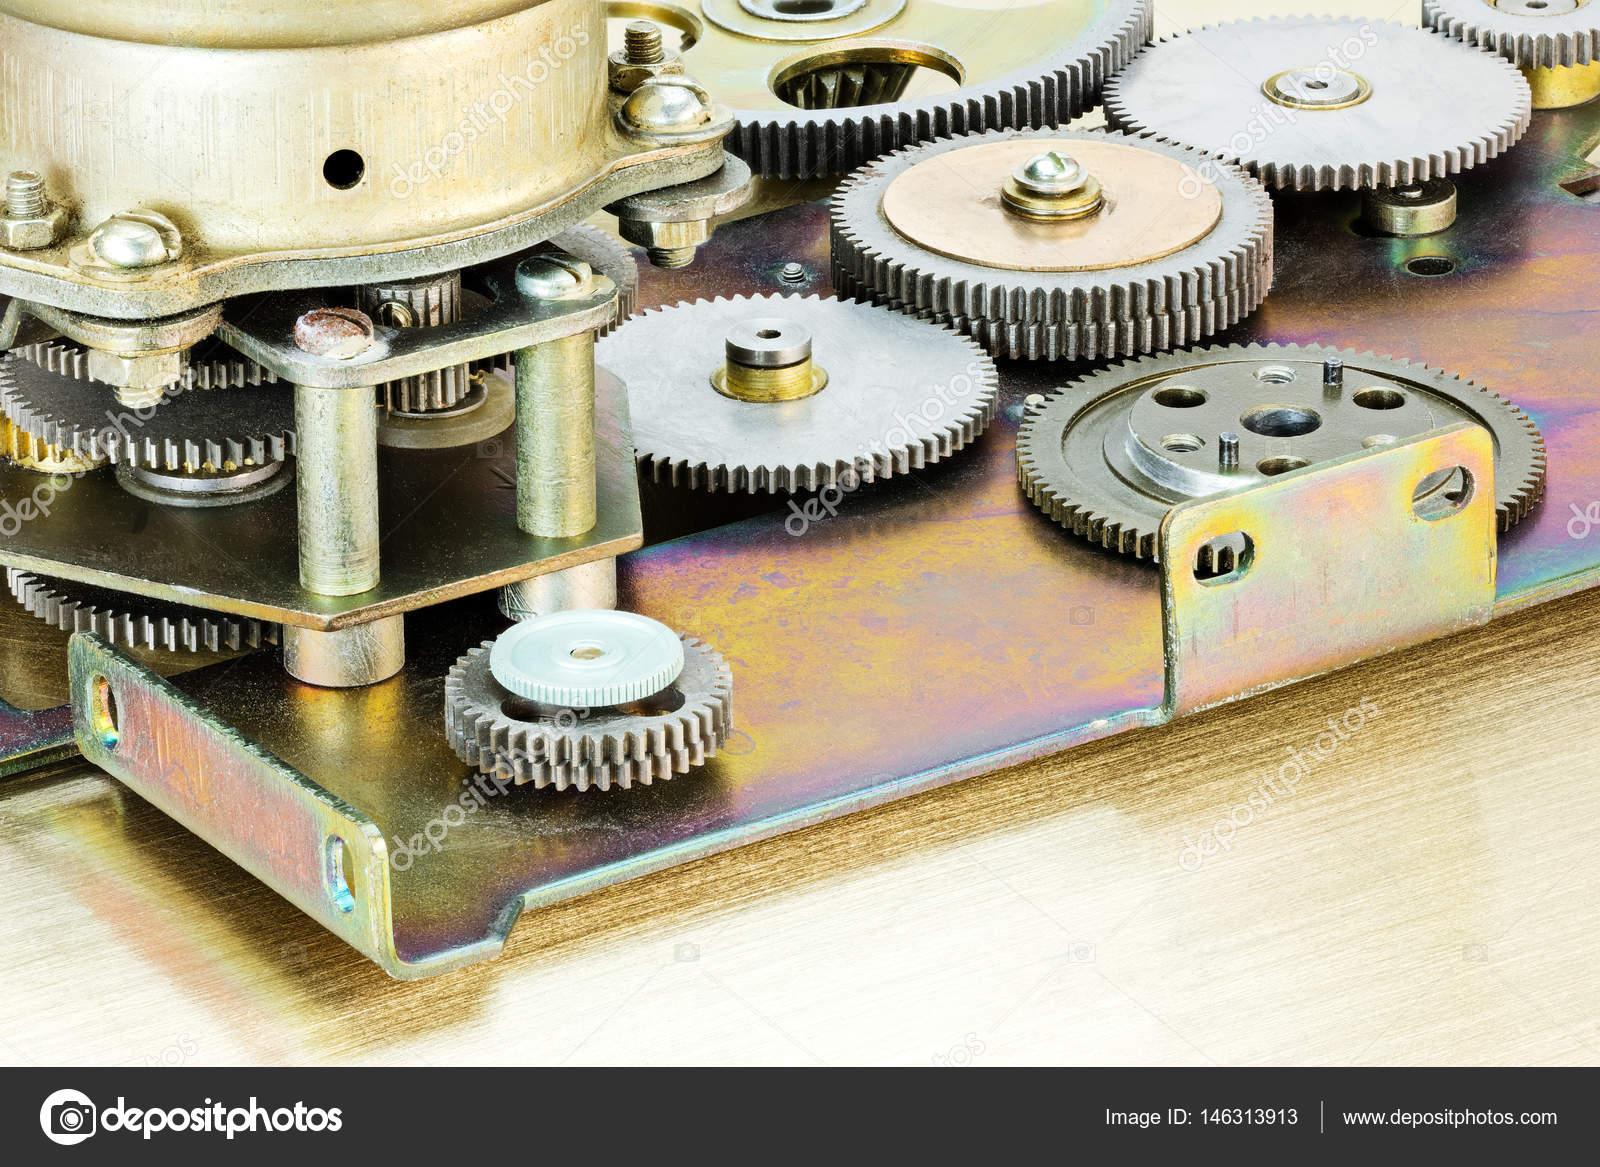 Poważne zestaw połączonych metalowe zębatki. różne koła zębate mechanizmu RG72